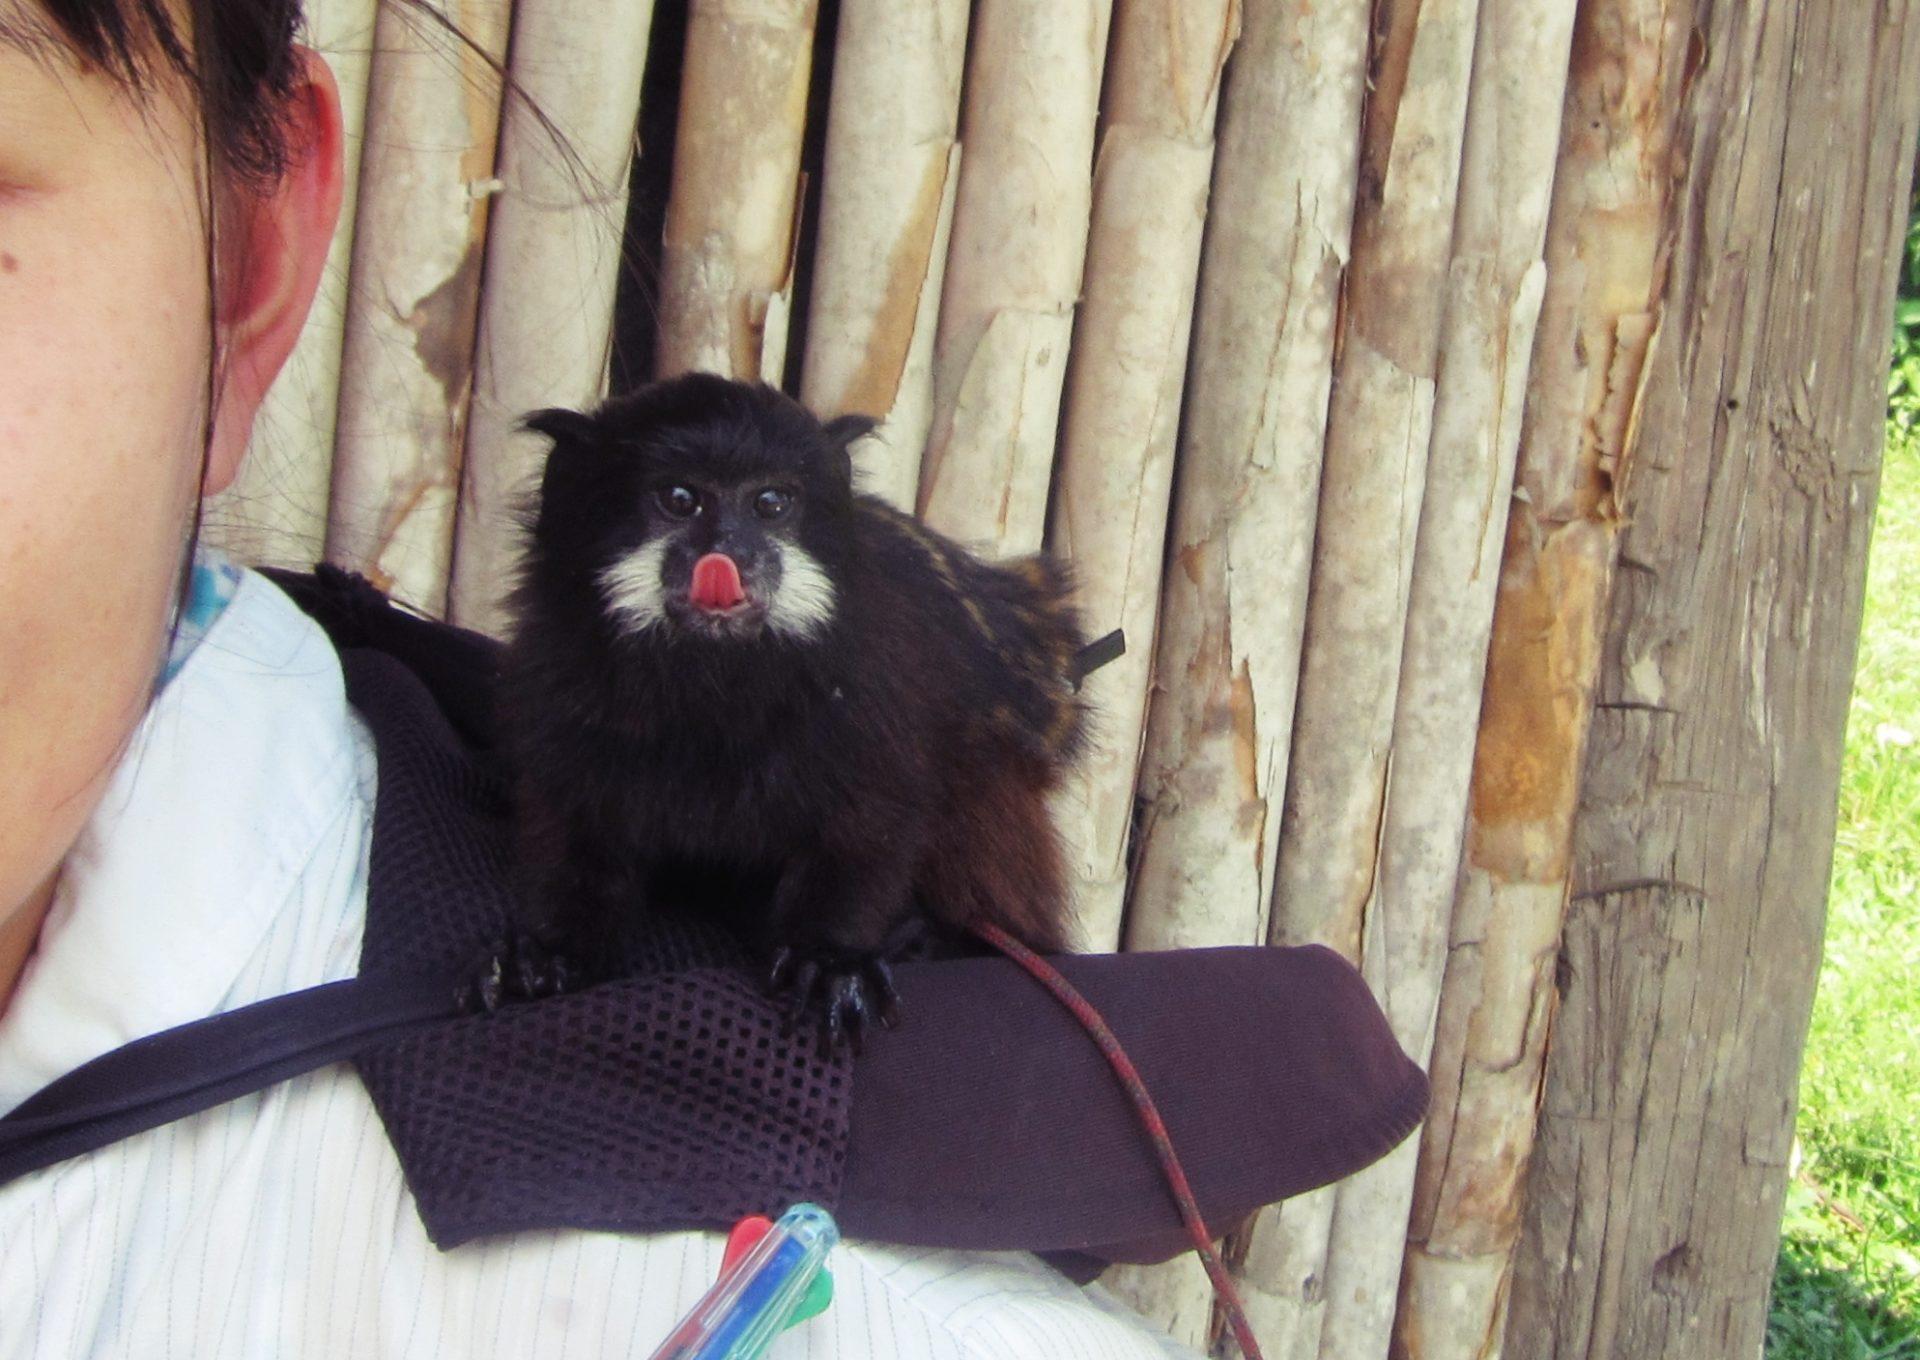 南米, ペルー, かわいい, アマゾン, ジャングル, セマダラタマリン, 猿, ペット, bebeleche, pichico